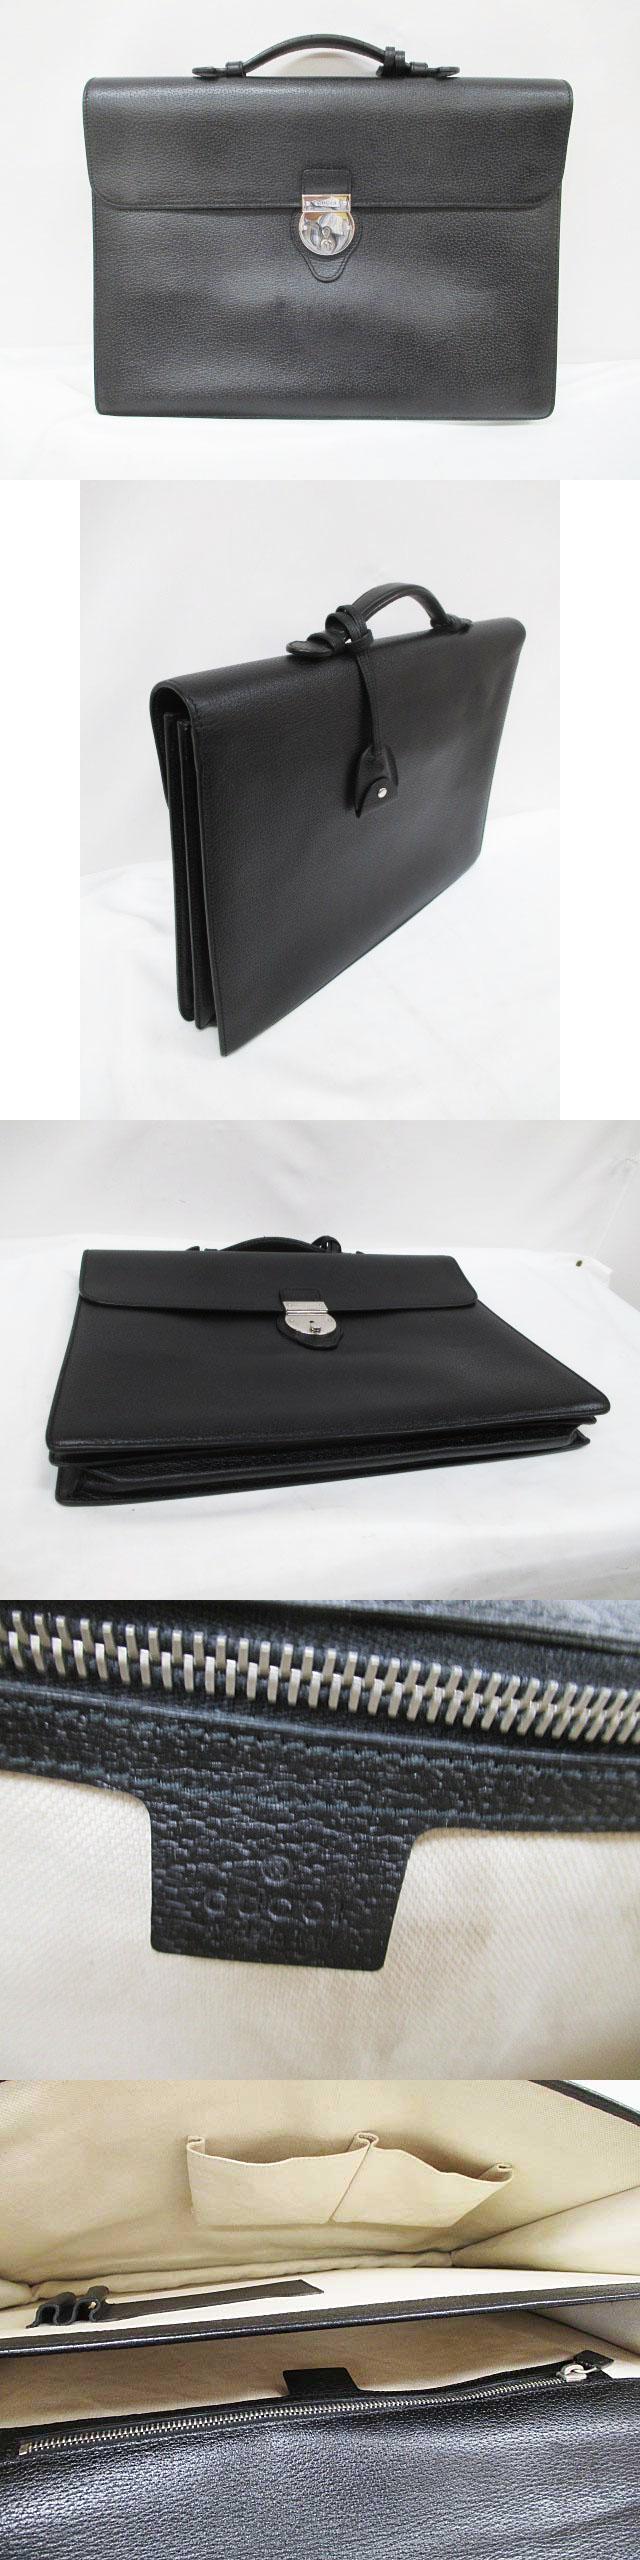 ブリーフケース 美品 黒 レザー ビジネスバッグ 書類かばん 281402 ブラック 預 D6583